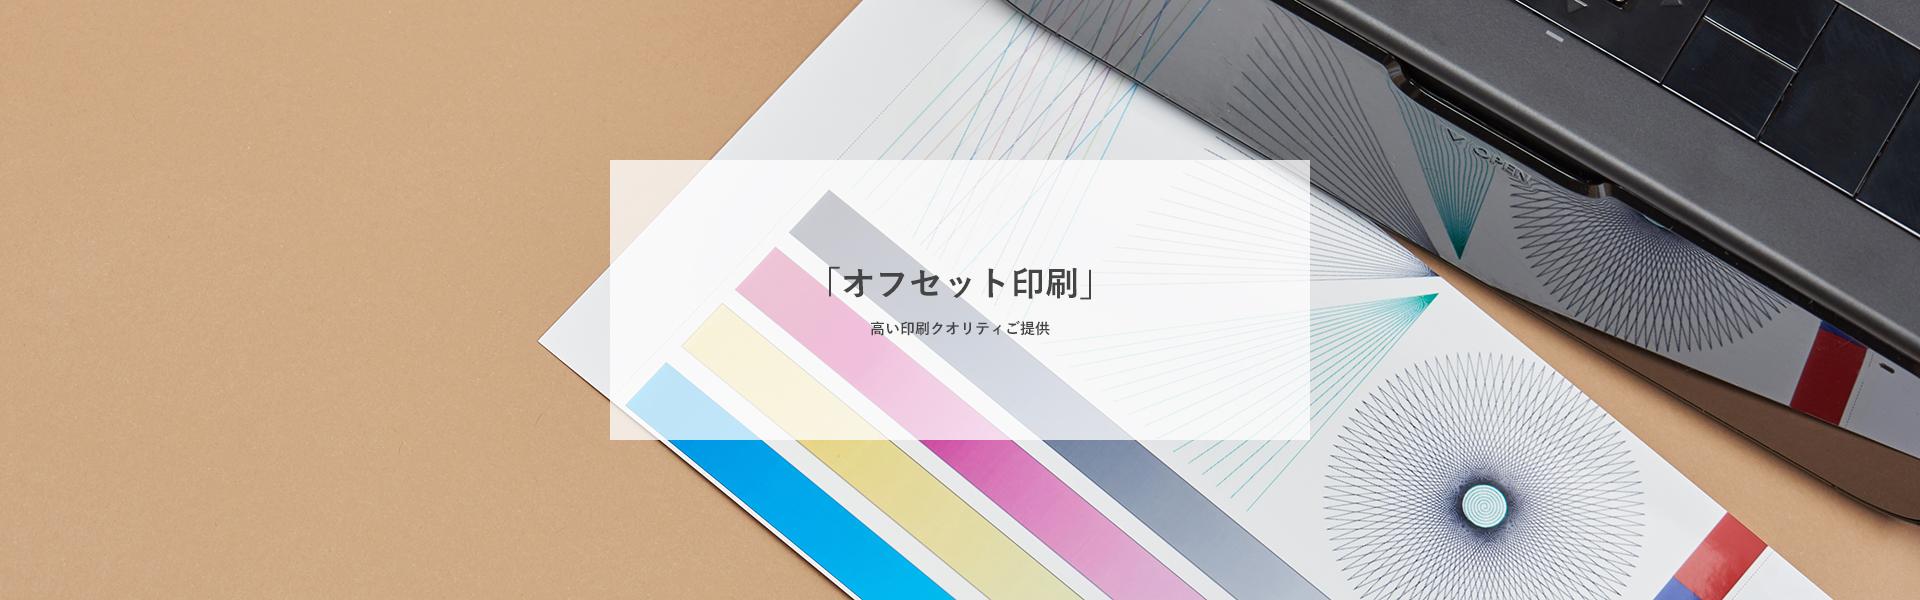 高い印刷クオリティご提供「オフセット印刷」